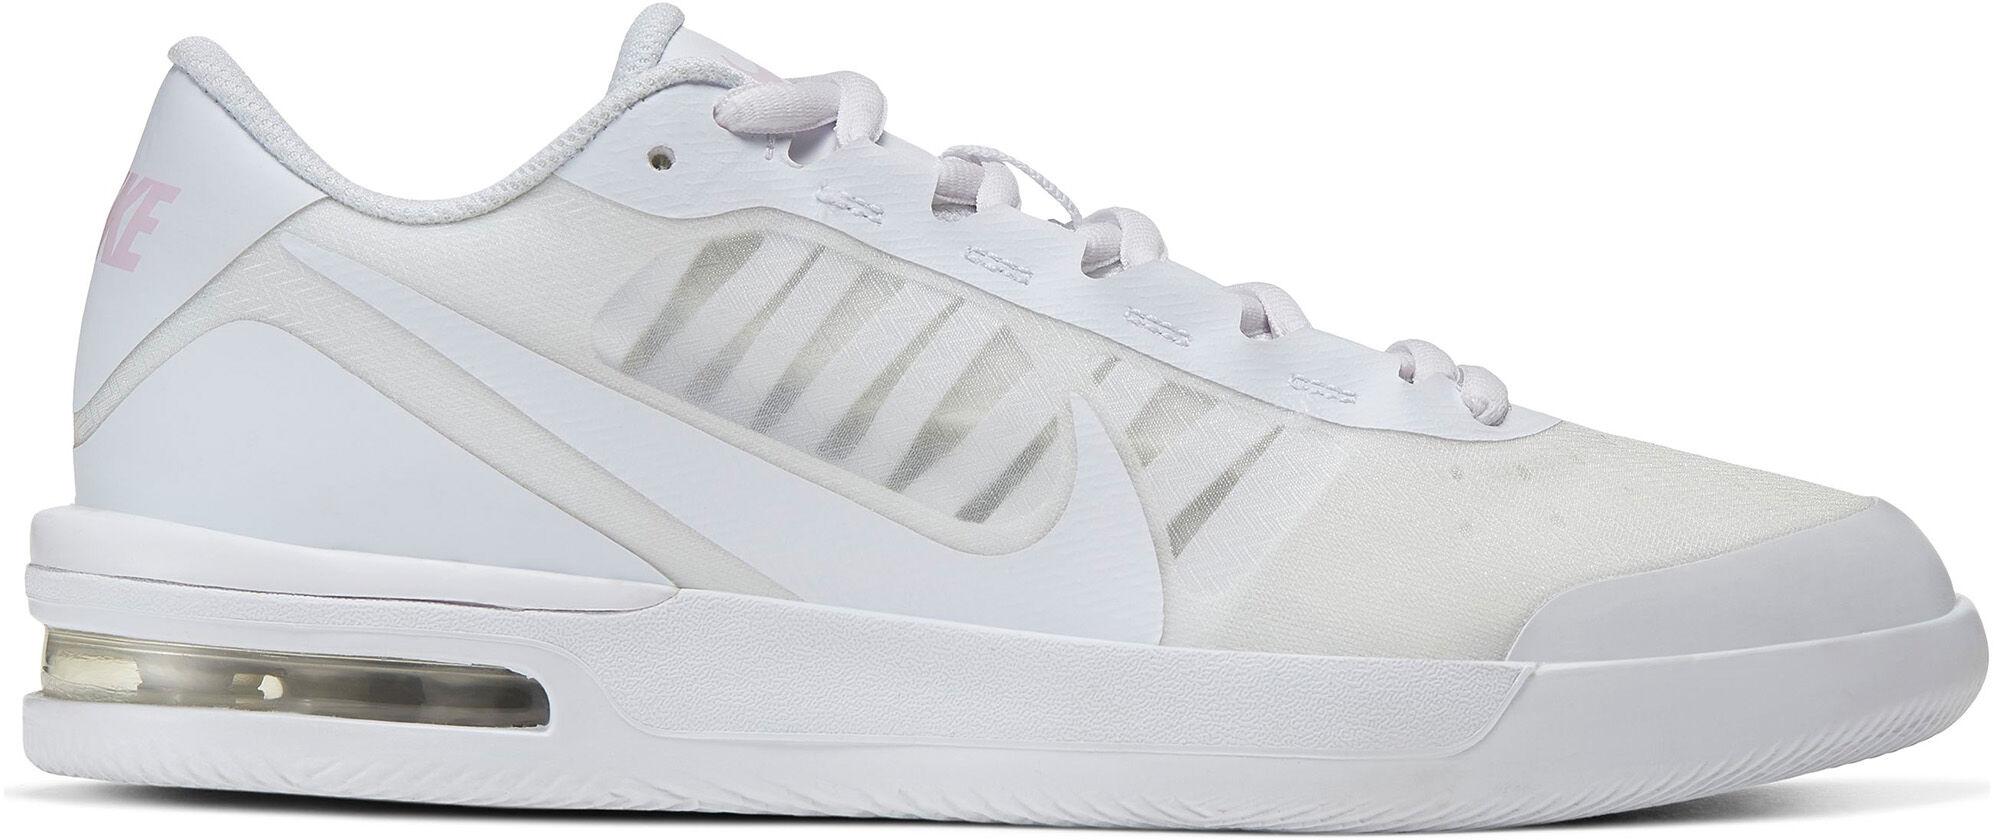 Nike · Court Air Max Vapor Wing MS Damer